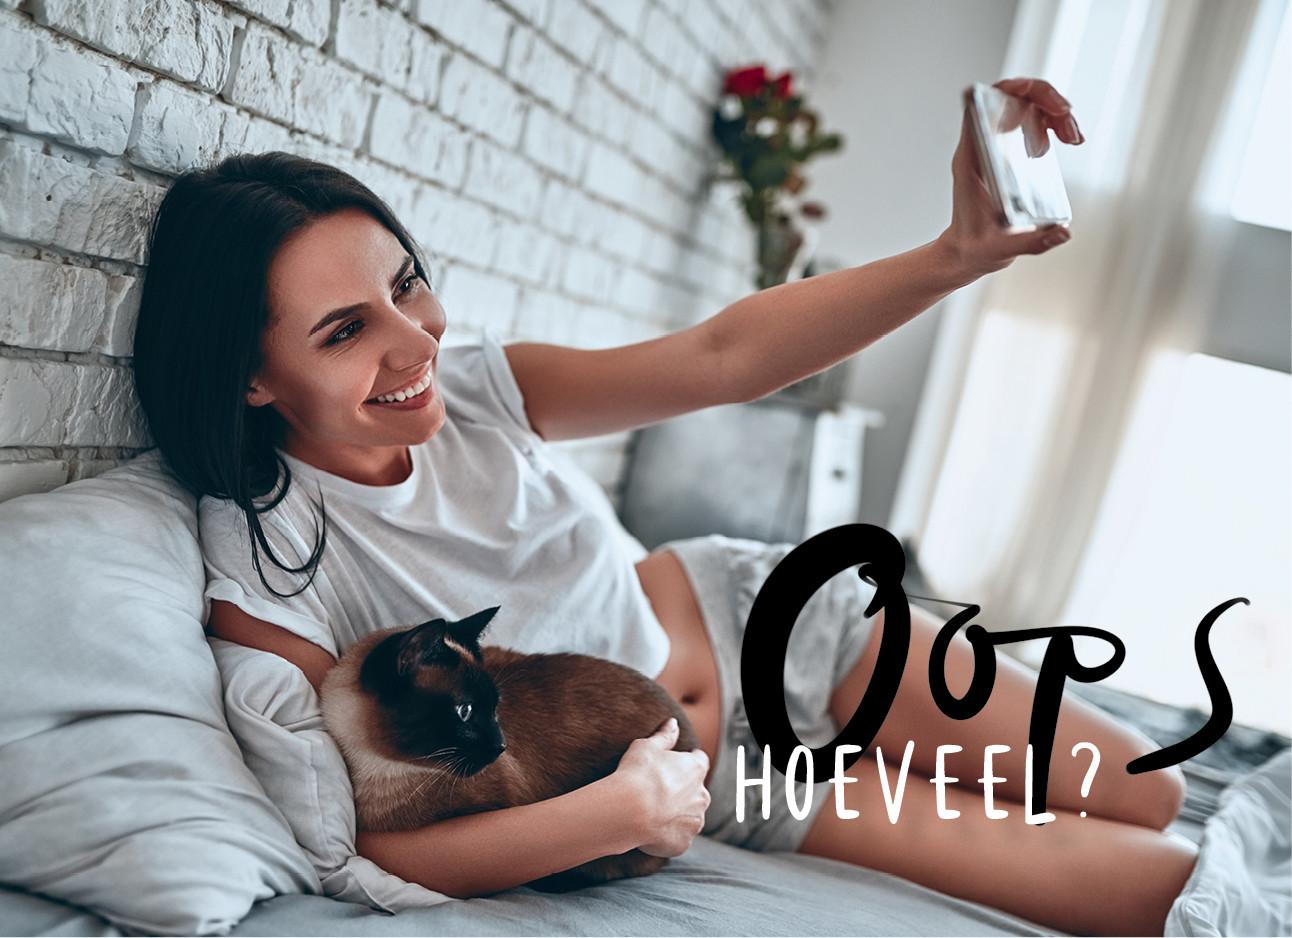 vrouw ligt in bed met haar kat en maakt een selfie met haar telefoon